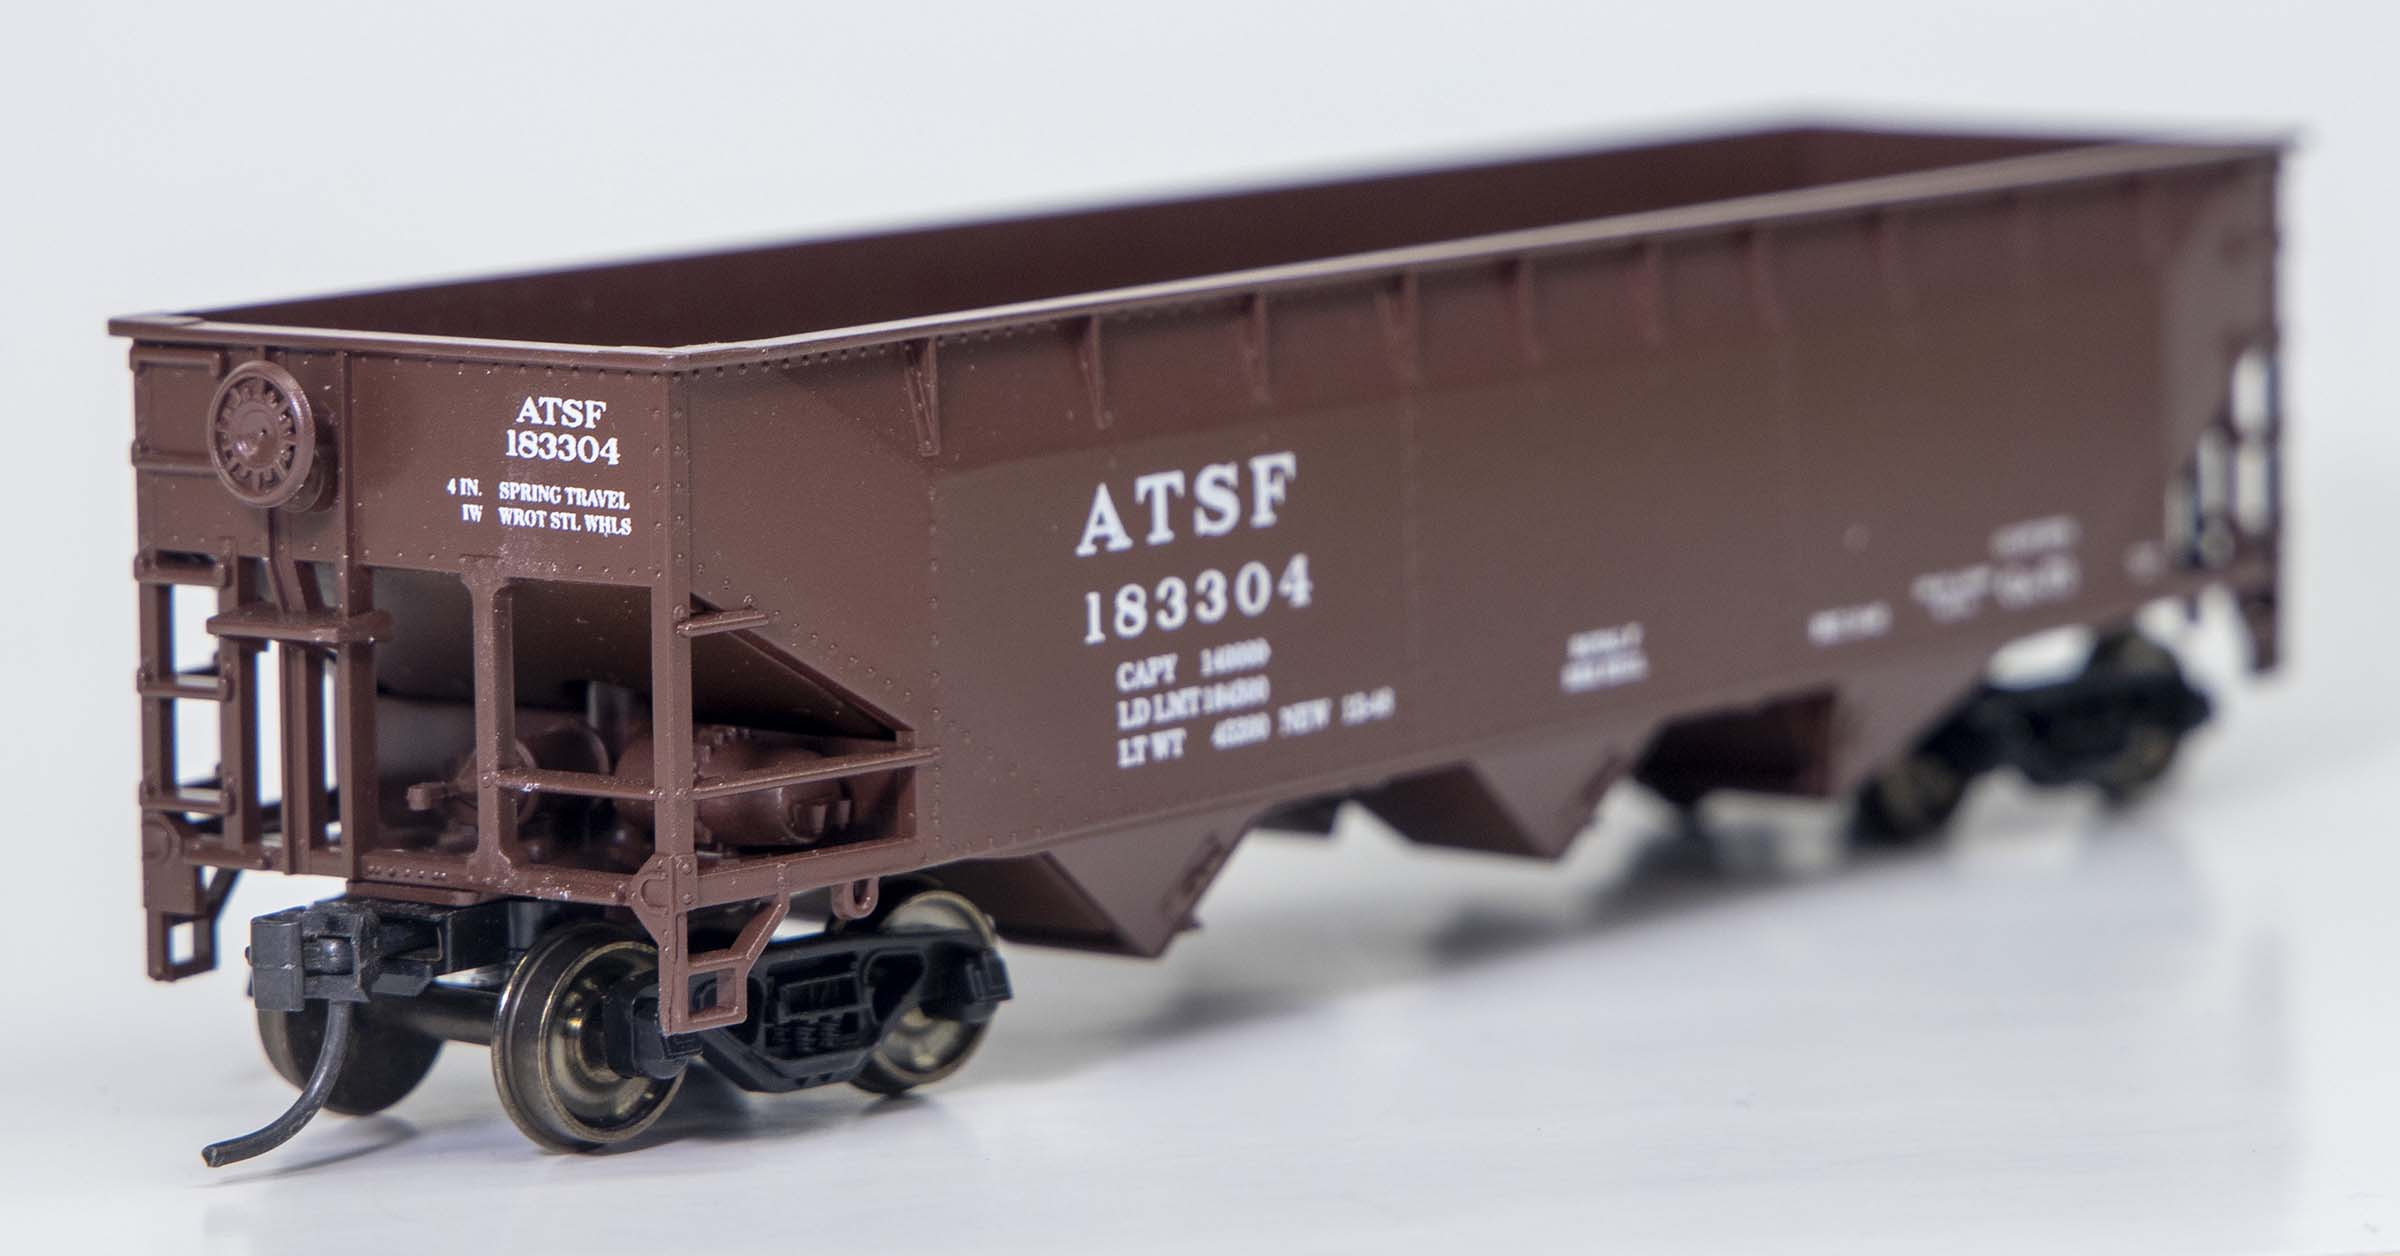 ATSF Ga-73 #183304 (model)